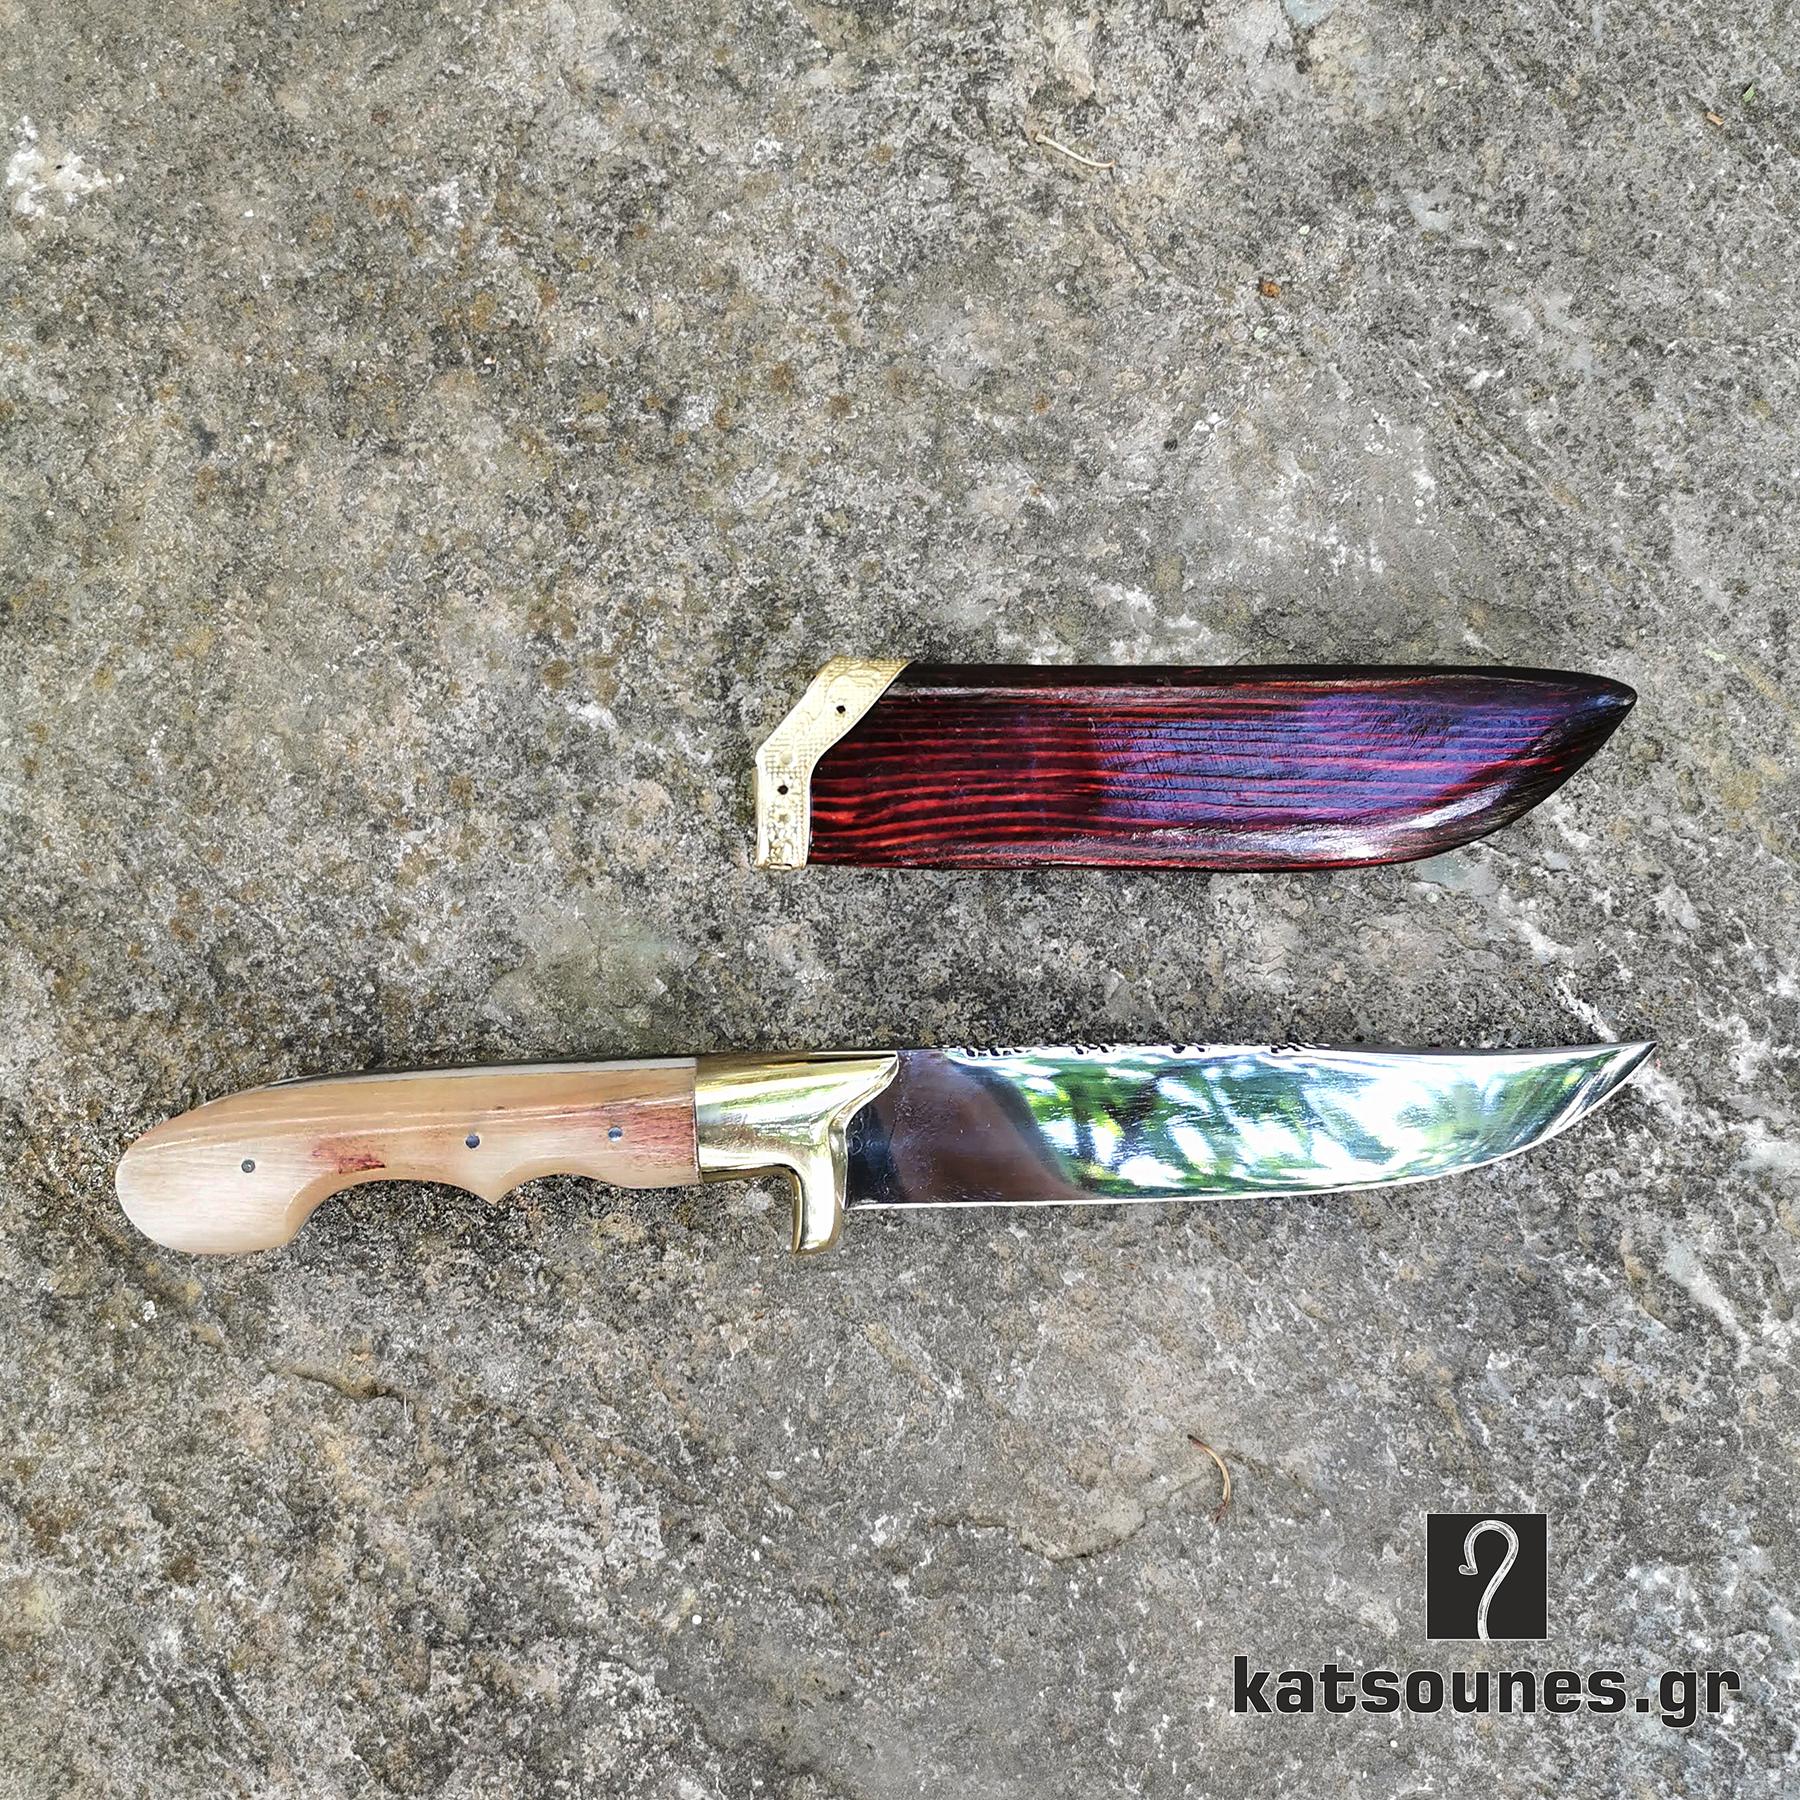 Χειροποίητο Κρητικο μαχαίρι του Βοσκού (28 εκ & 24 ΕΚ)